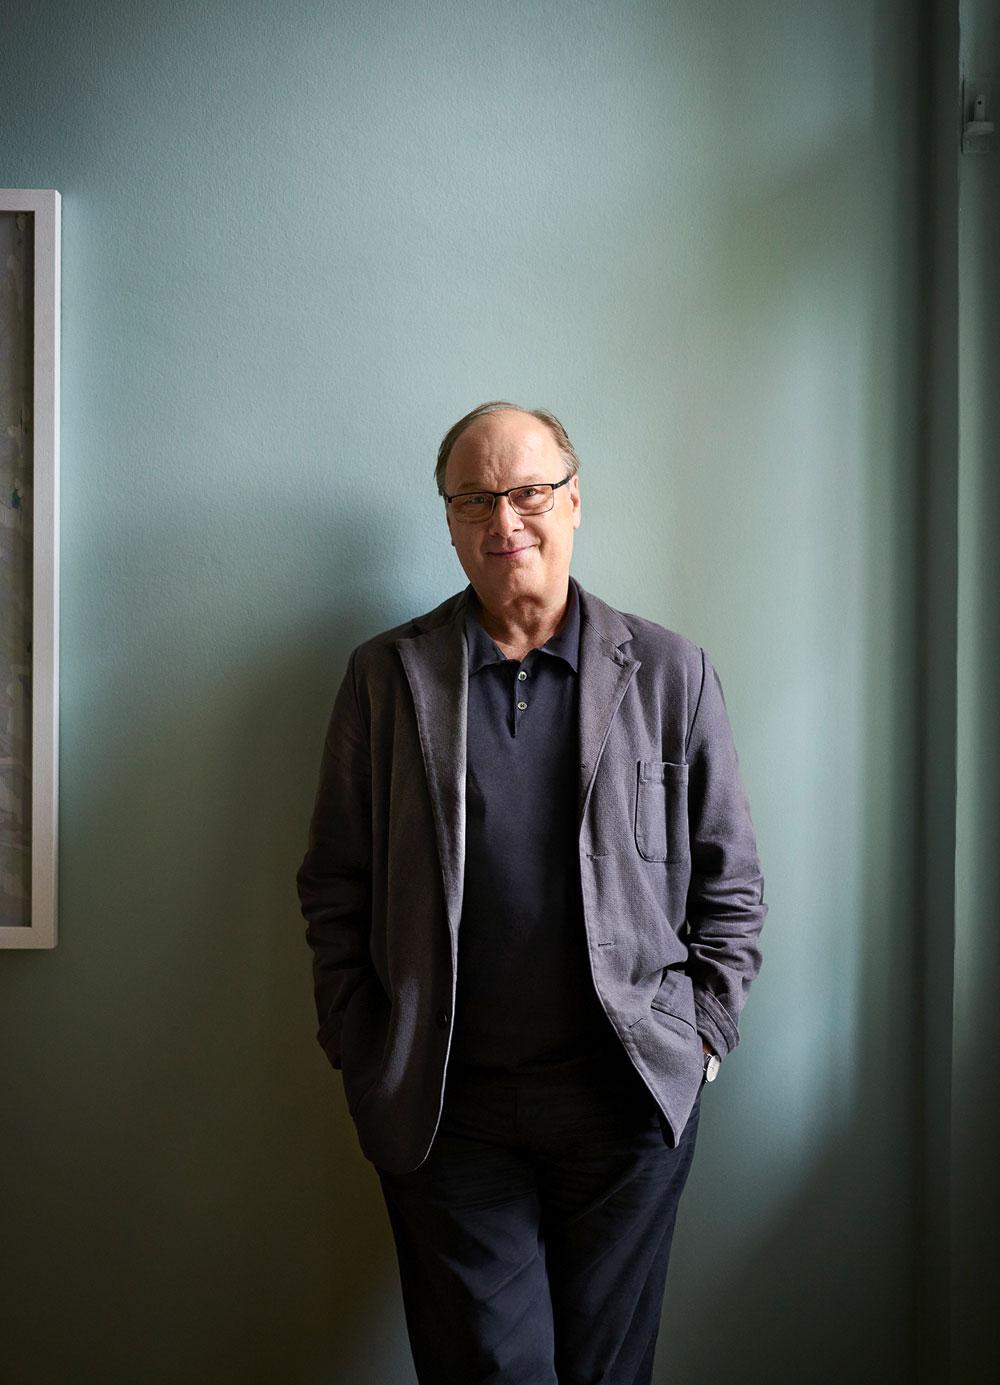 En 1990, Roland Schwertner fundó la firma Nomos Glashütte en la cuna de relojería alemana, Glashütte.